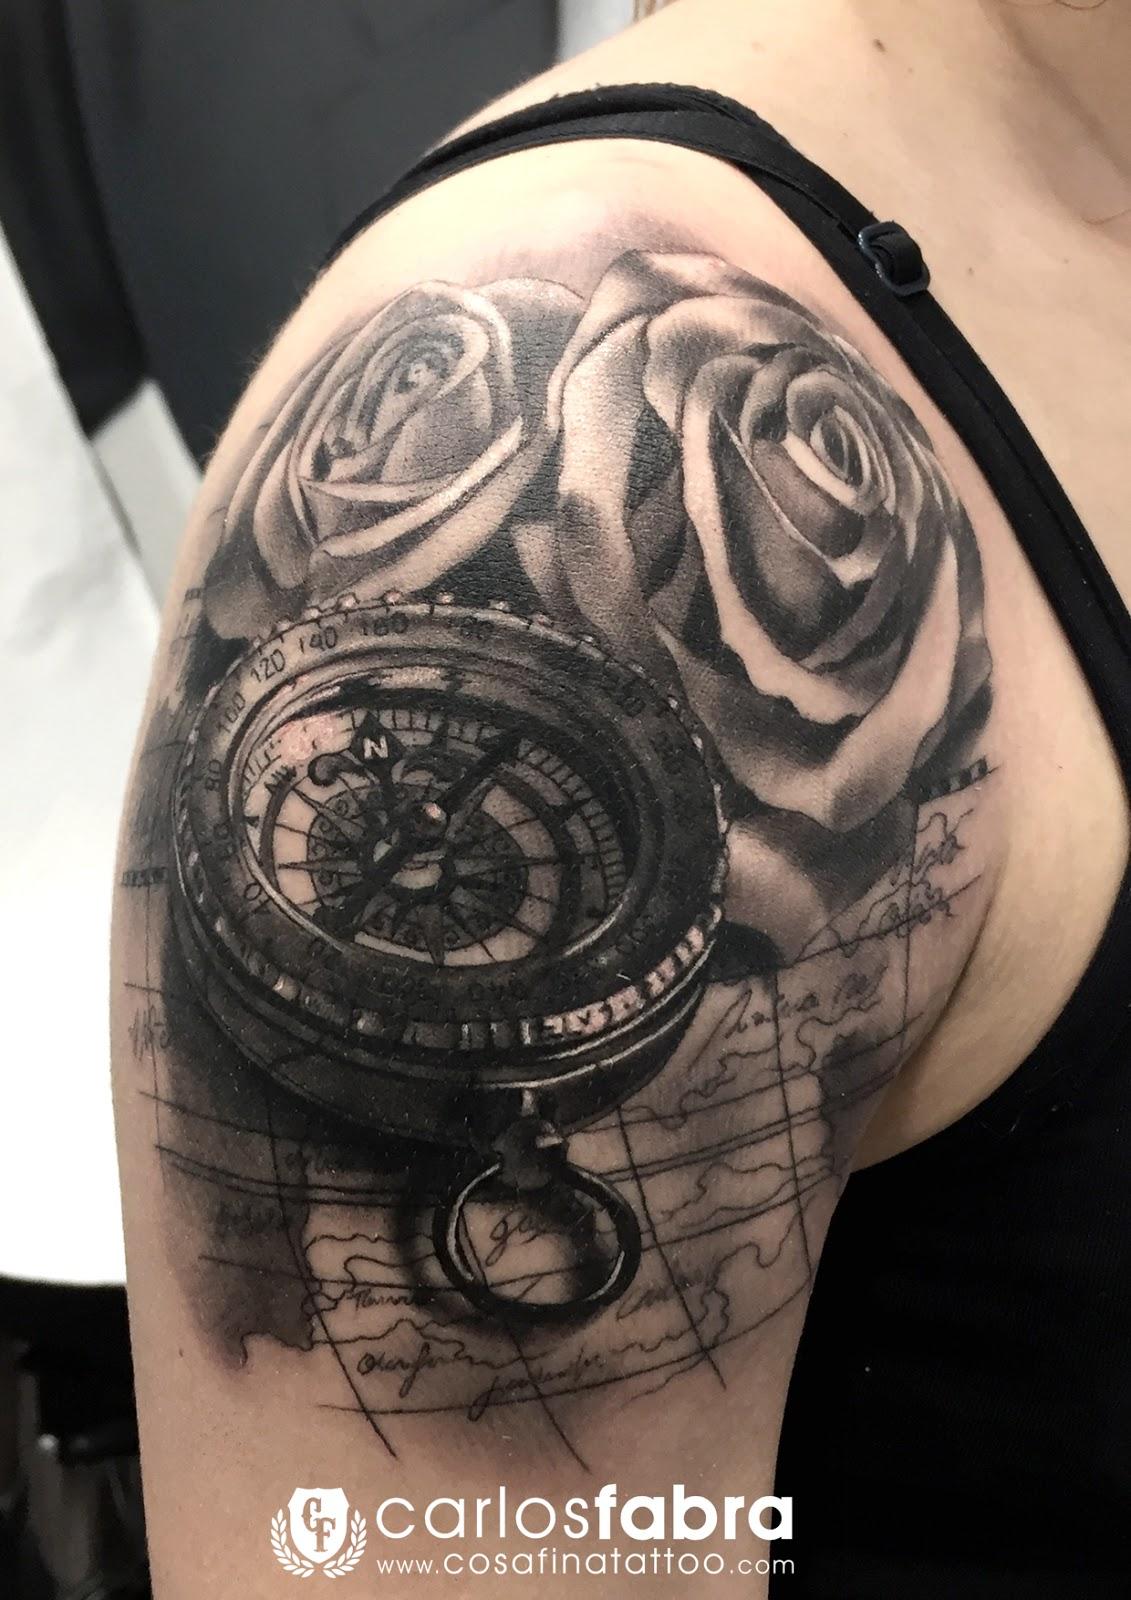 Cosafina Tattoo Carlos Art Studio Tatuaje Brujula Mapa Carta De